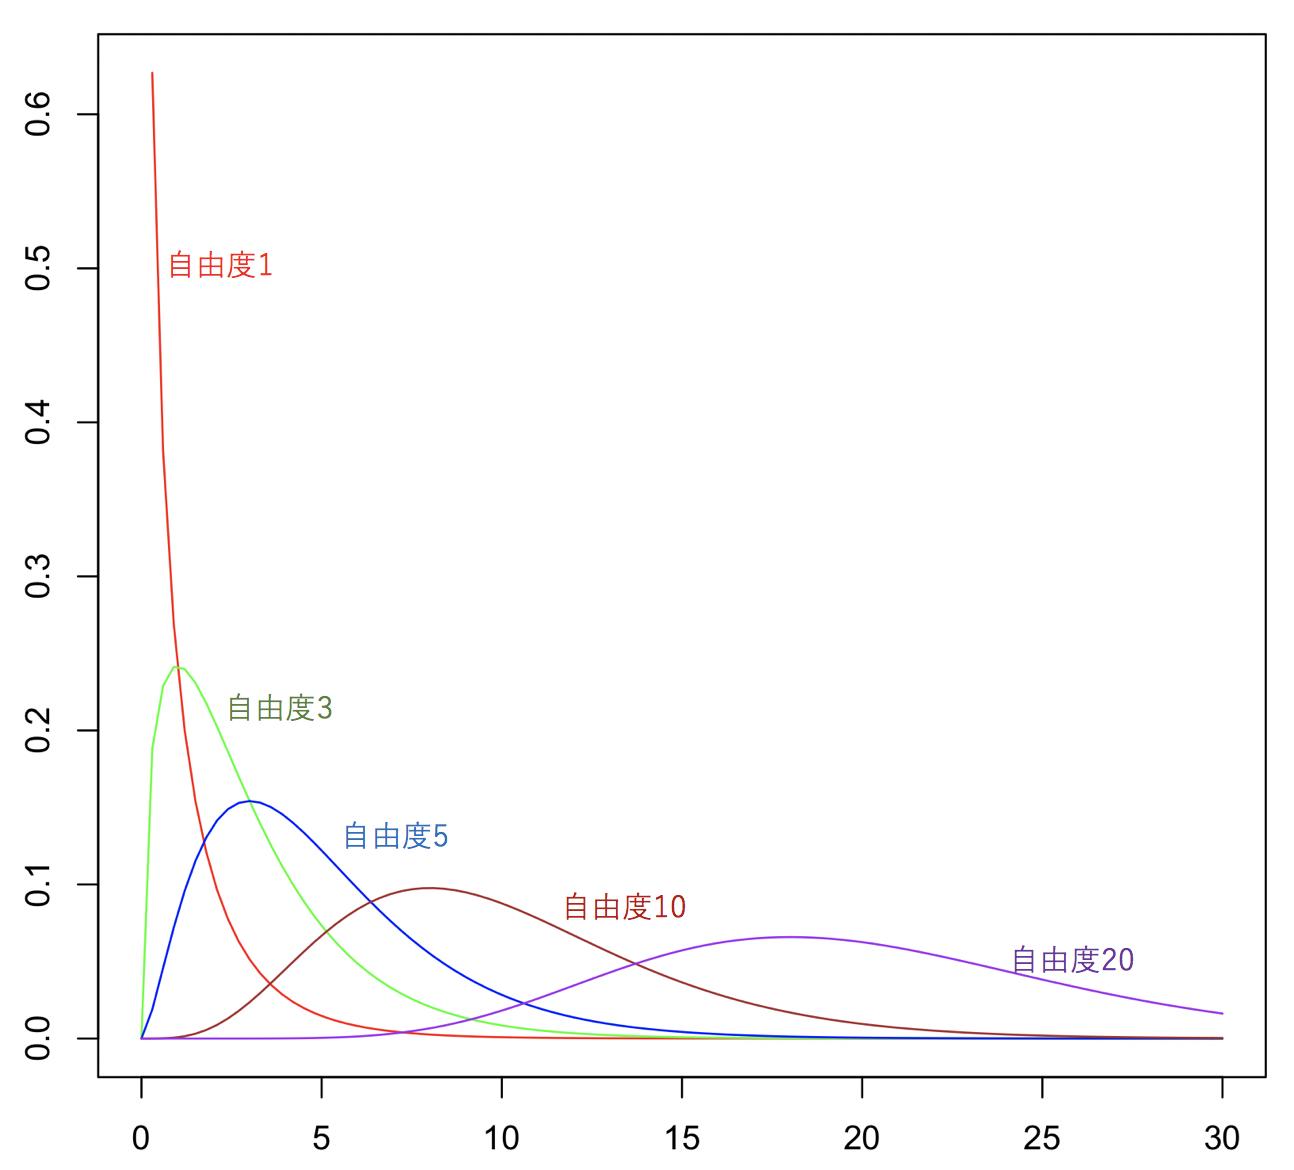 %e3%82%ab%e3%82%a4%e4%ba%8c%e4%b9%97%e5%88%86%e5%b8%83%e3%82%ab%e3%83%a9%e3%83%95%e3%83%ab%e8%87%aa%e7%94%b1%e5%ba%a6%e4%bb%98%e3%81%8d